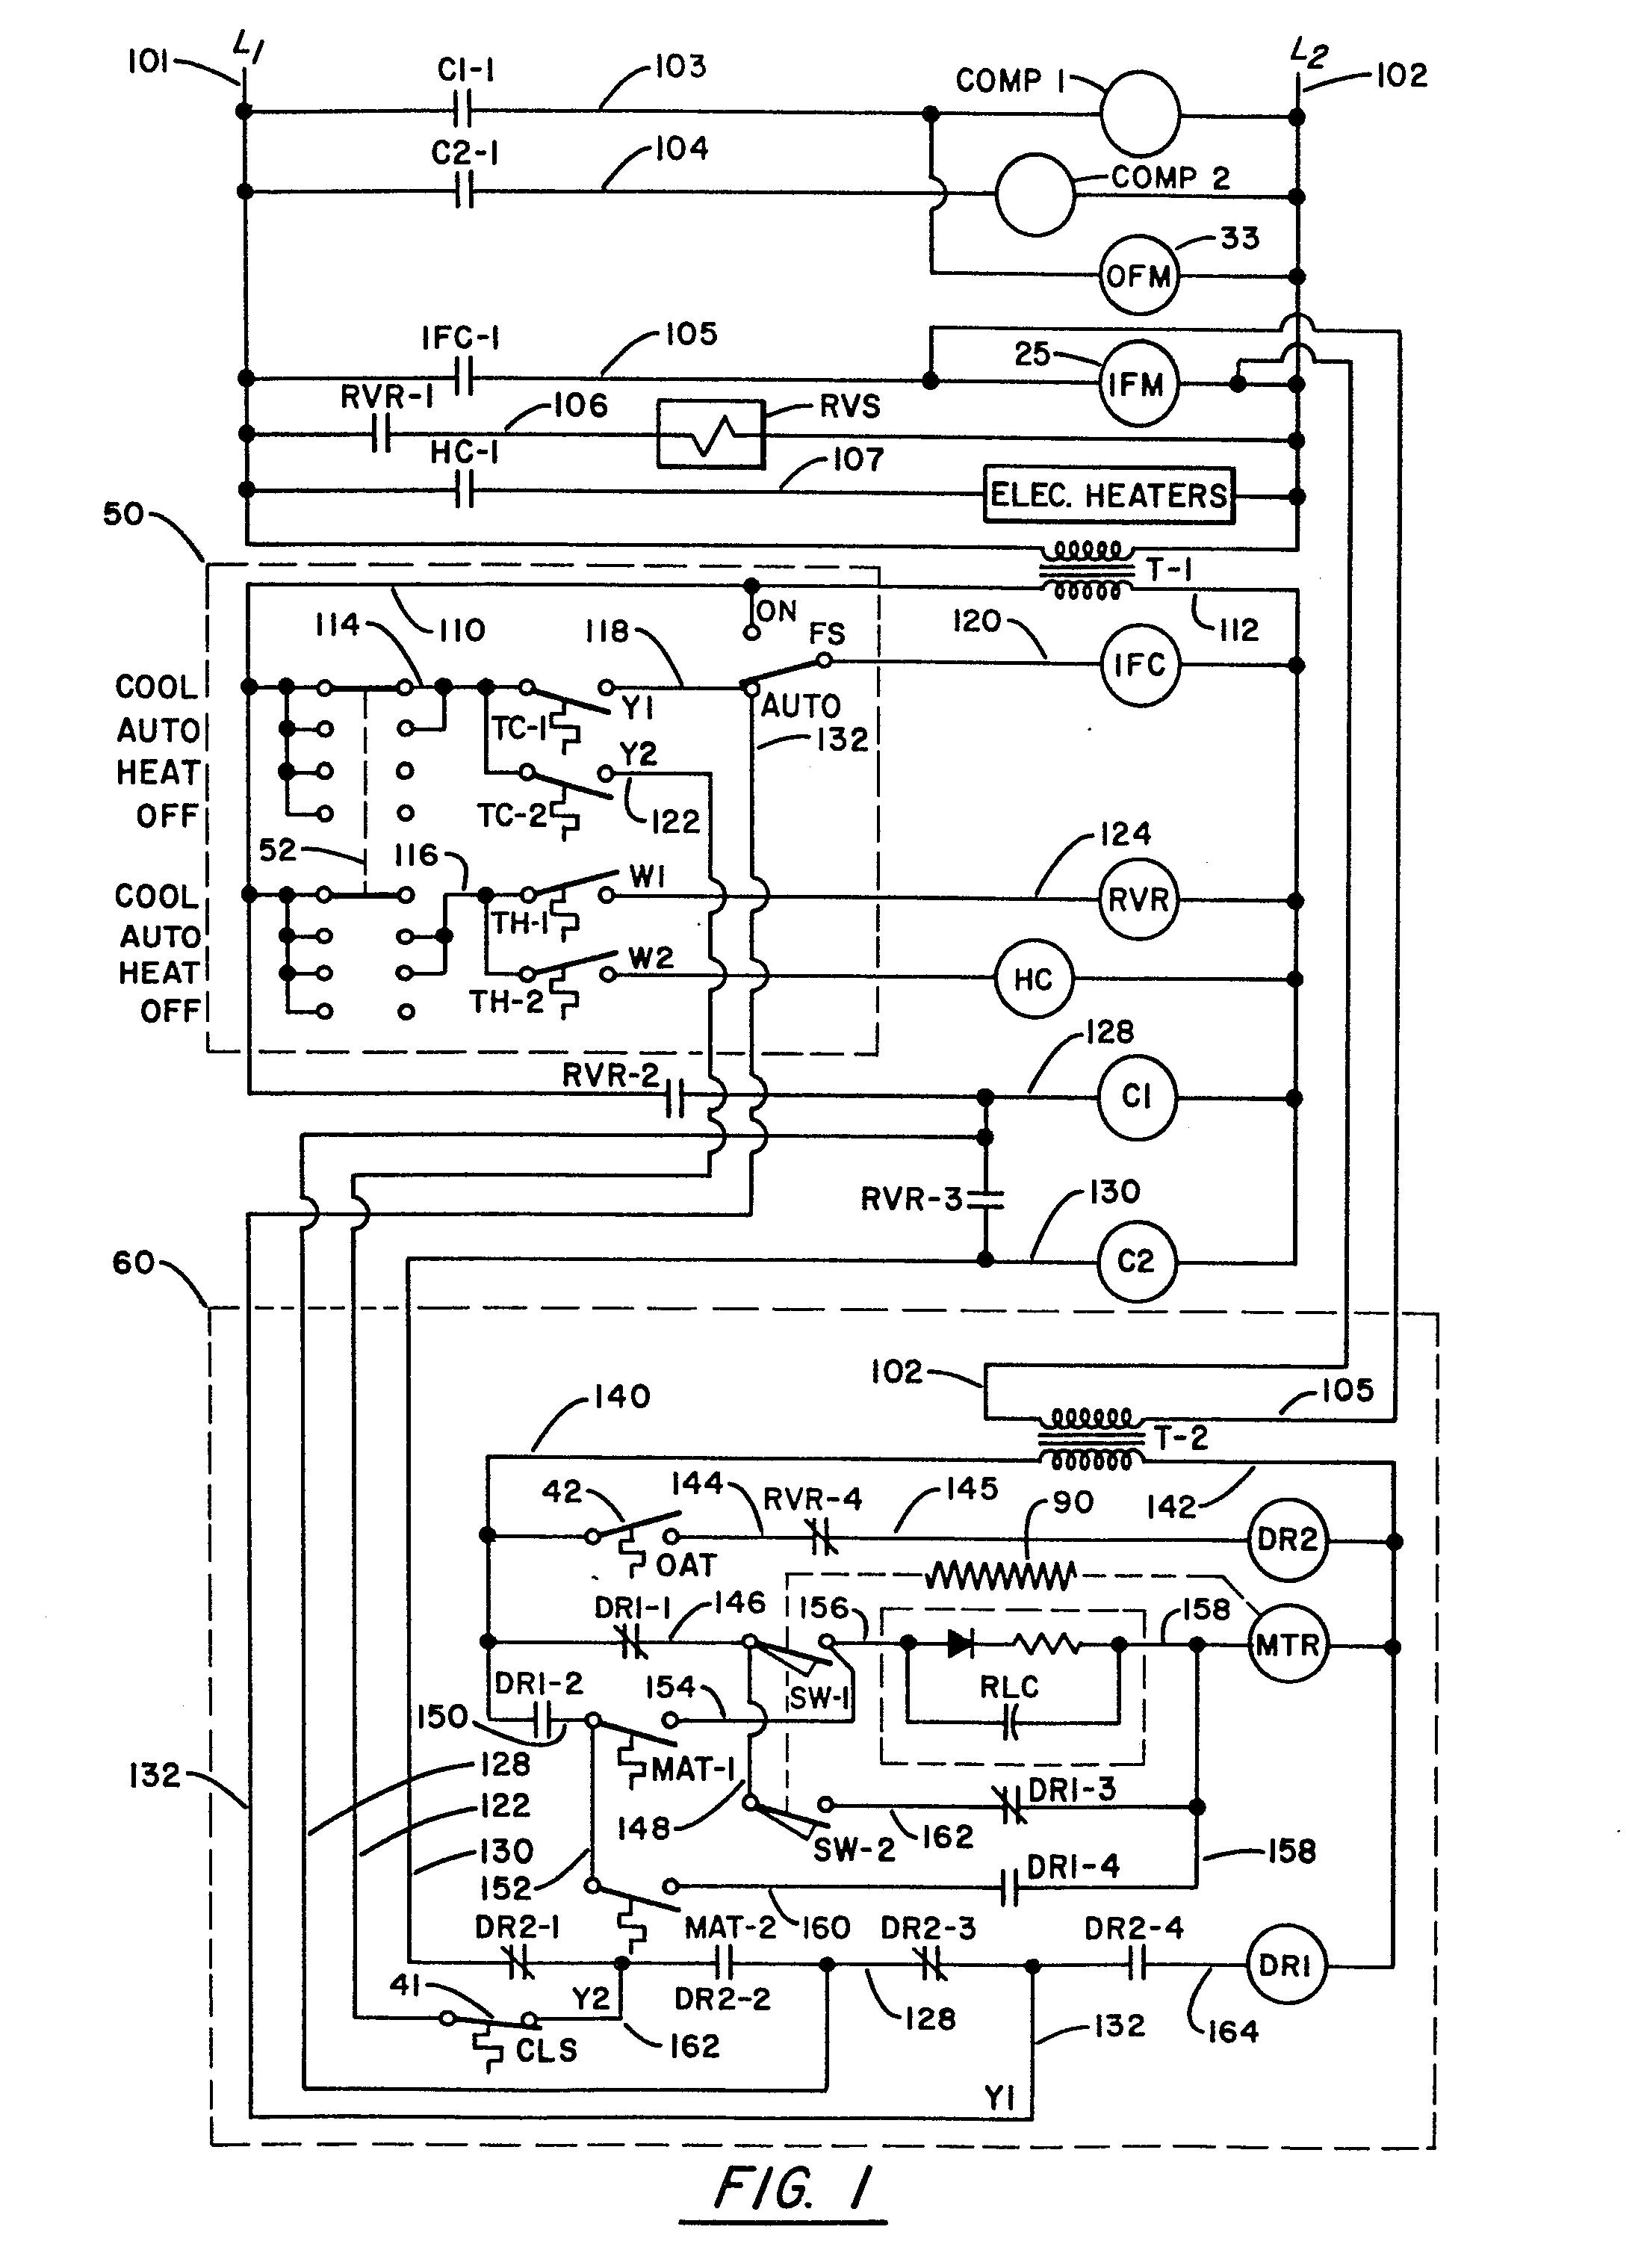 lt_8474] rtha chiller wiring diagram free diagram  hendil weasi anal hendil nekout expe nnigh benkeme mohammedshrine librar  wiring 101